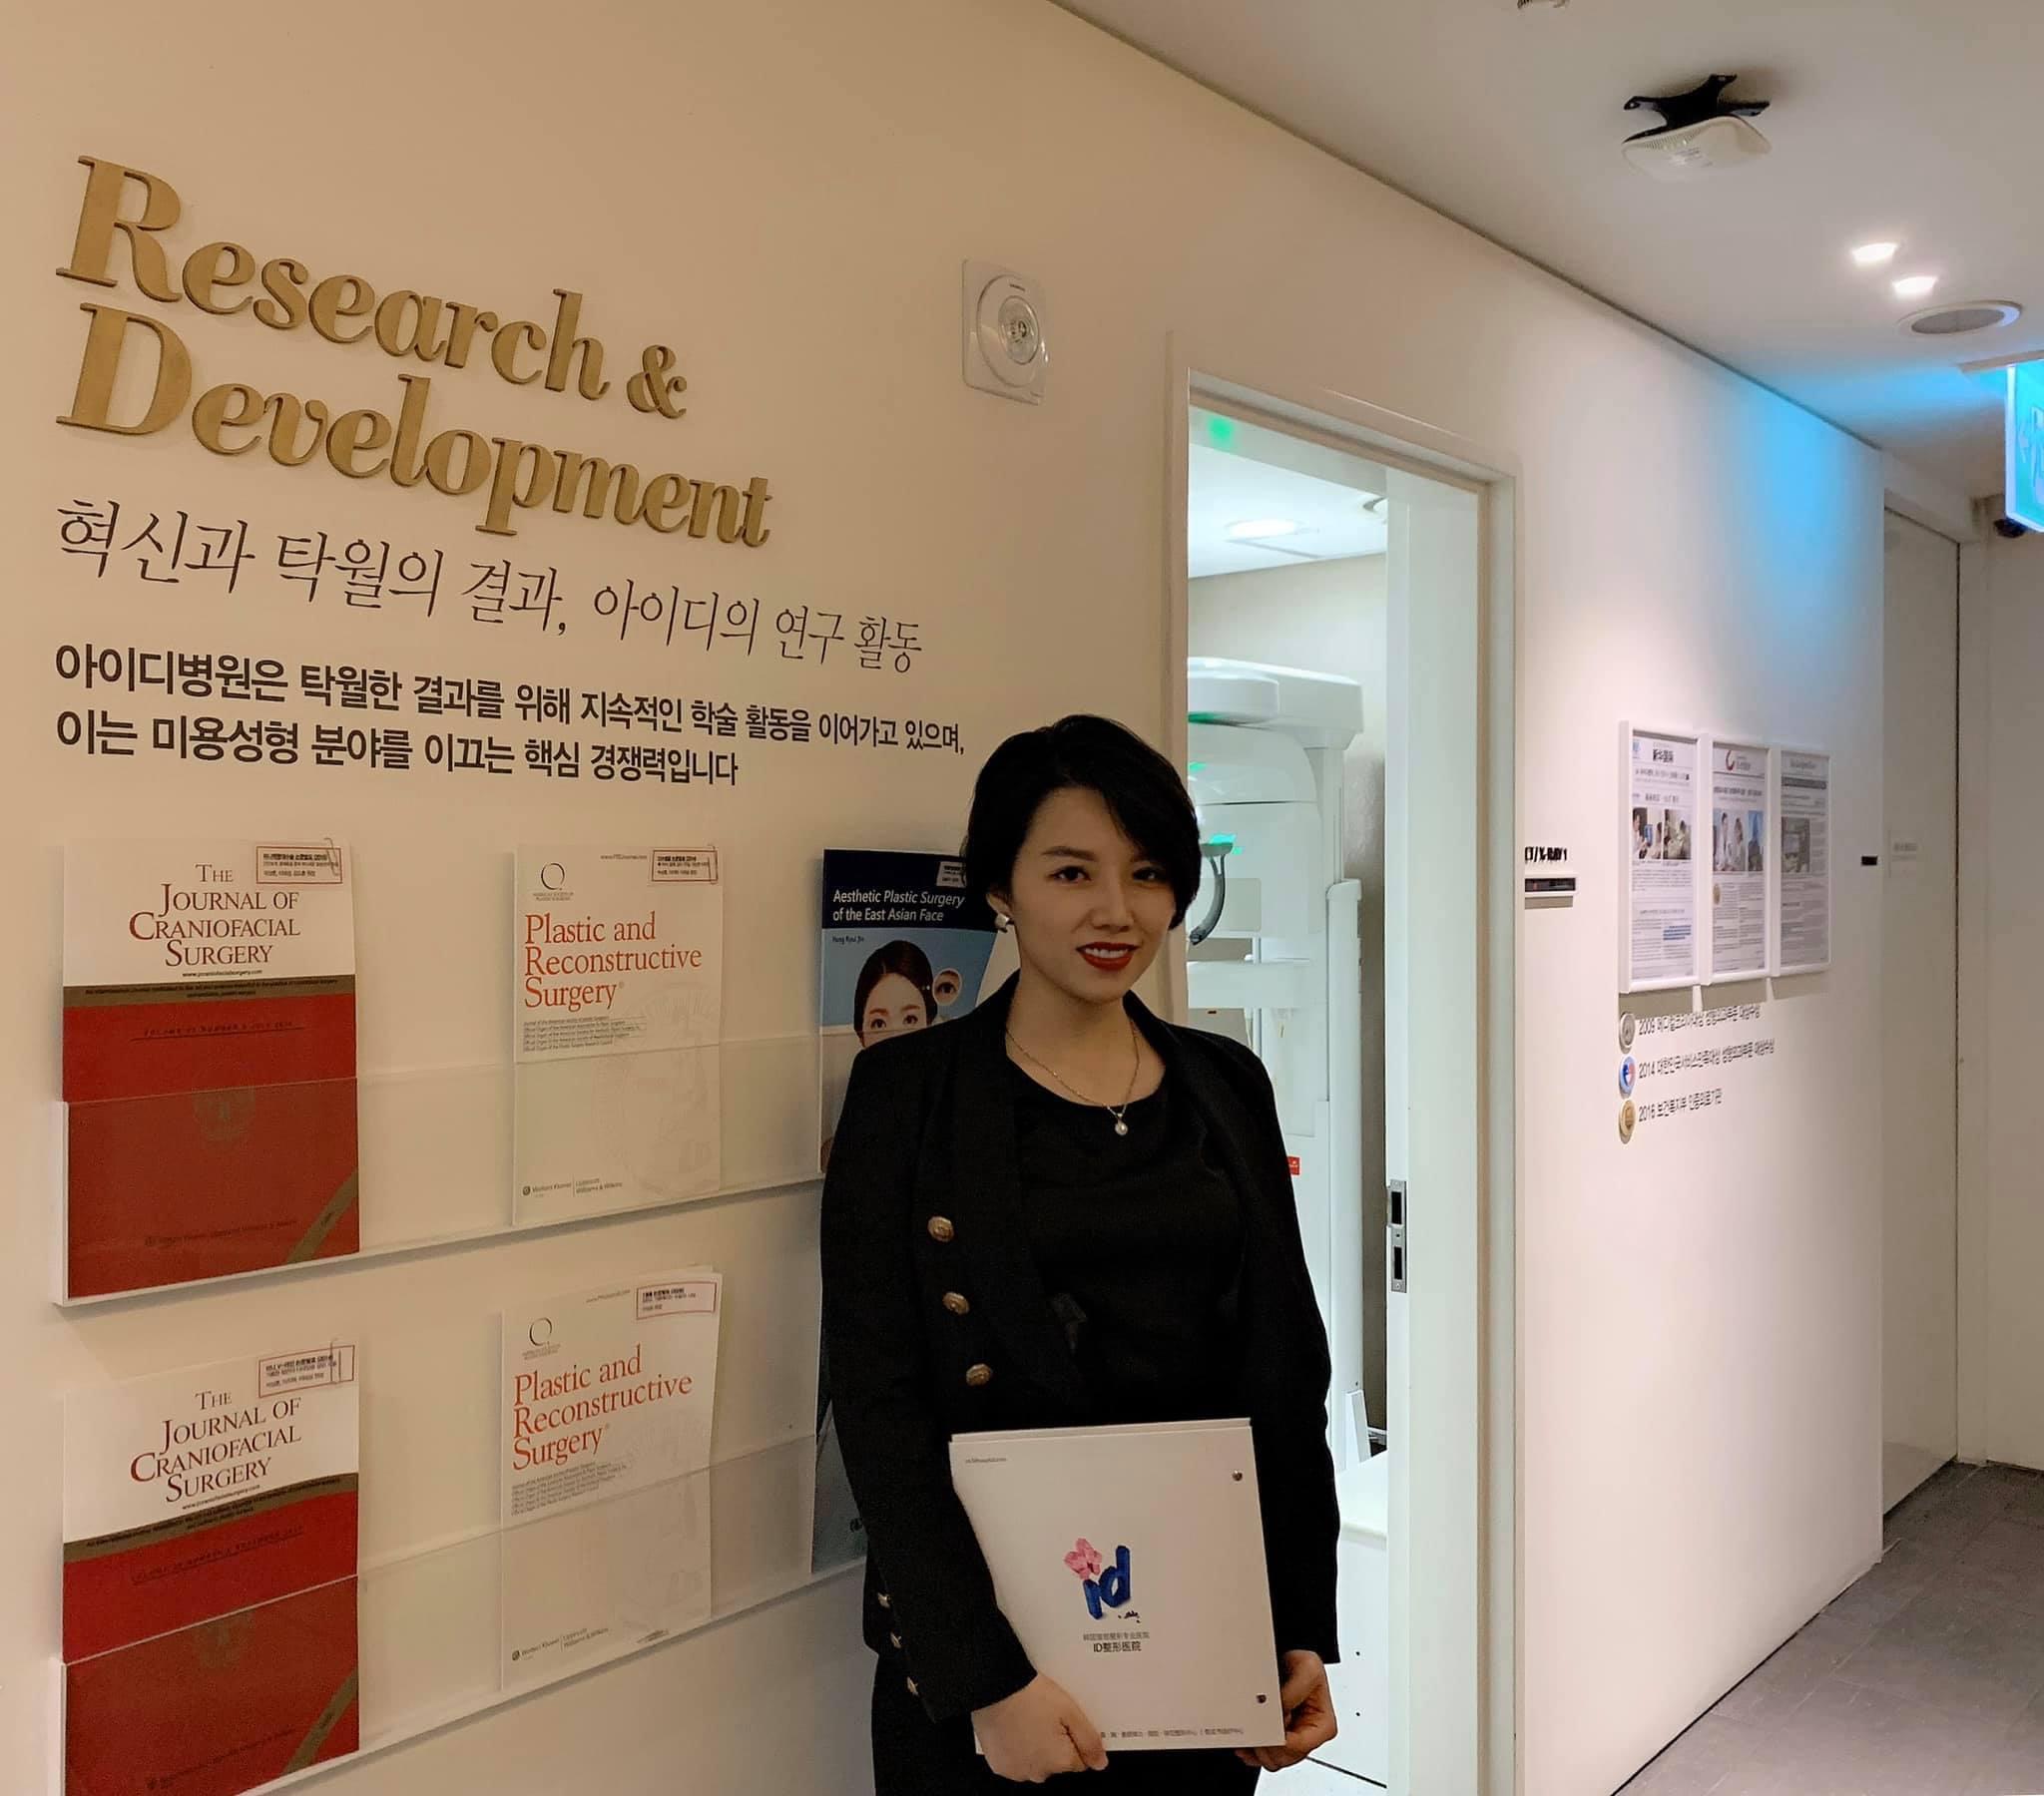 Thảo Lê: Hành trình 5 năm theo chân chuyên gia Hàn Quốc, lắm lúc phát bực vì quá nhiều chị em chăm da sai cách  - Ảnh 3.